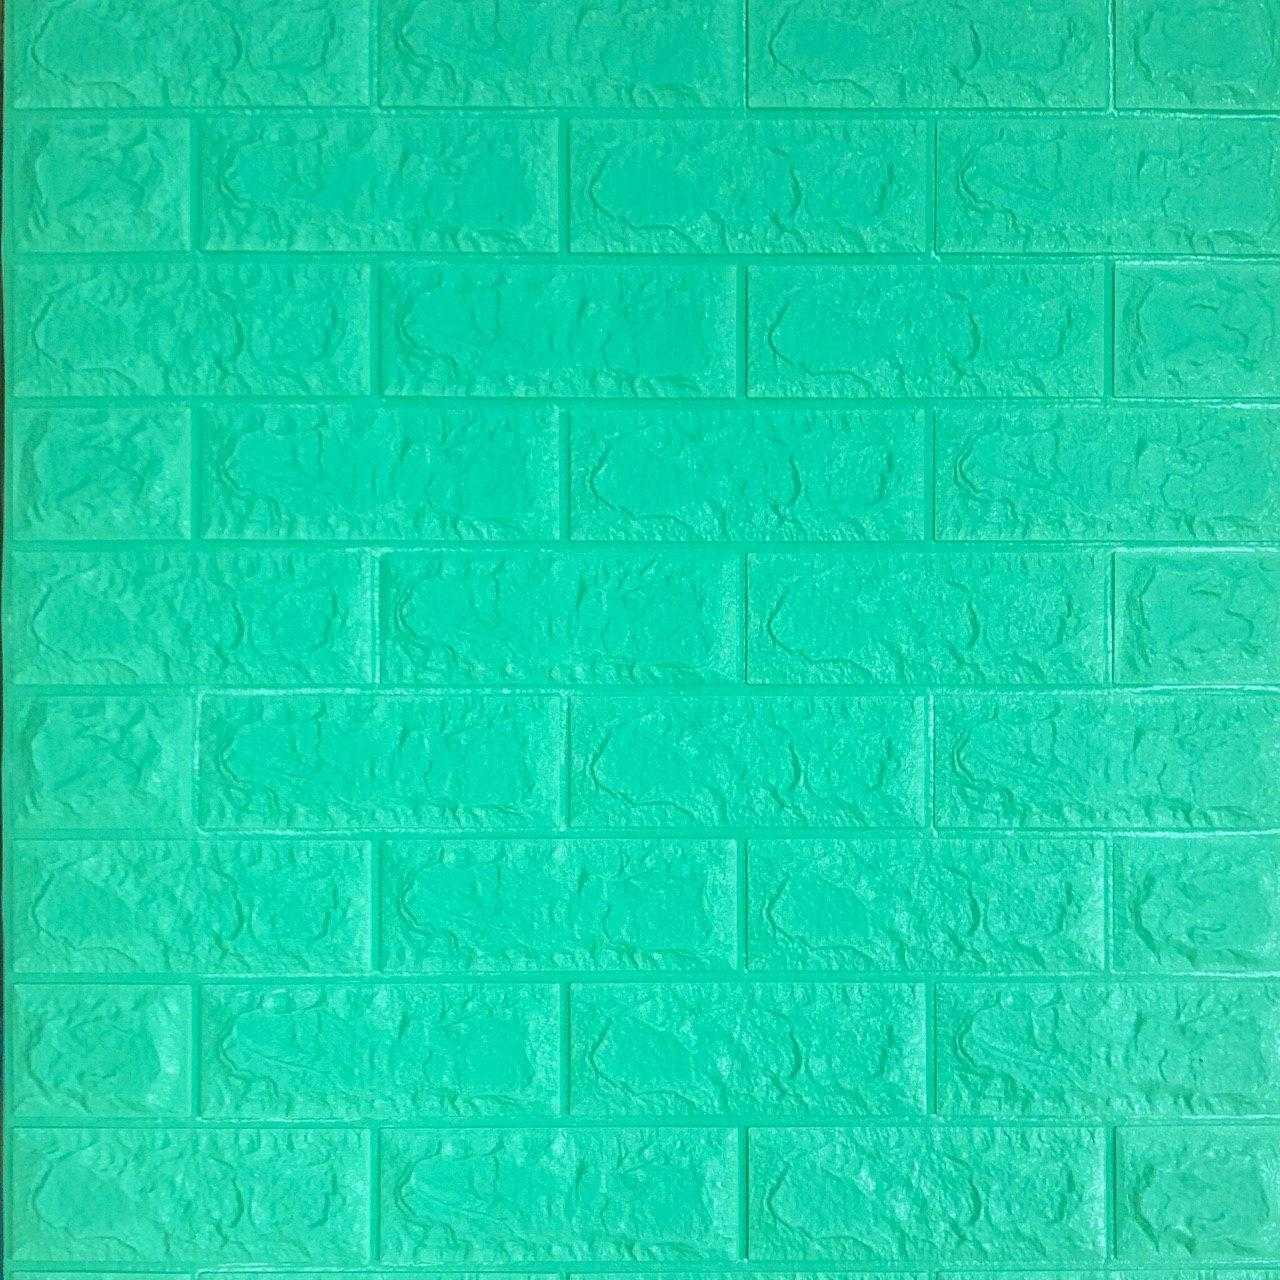 3д панель стіновий декоративний М'ята Цегла (самоклеючі 3d панелі оригінал) Зелений 700x770x7 мм